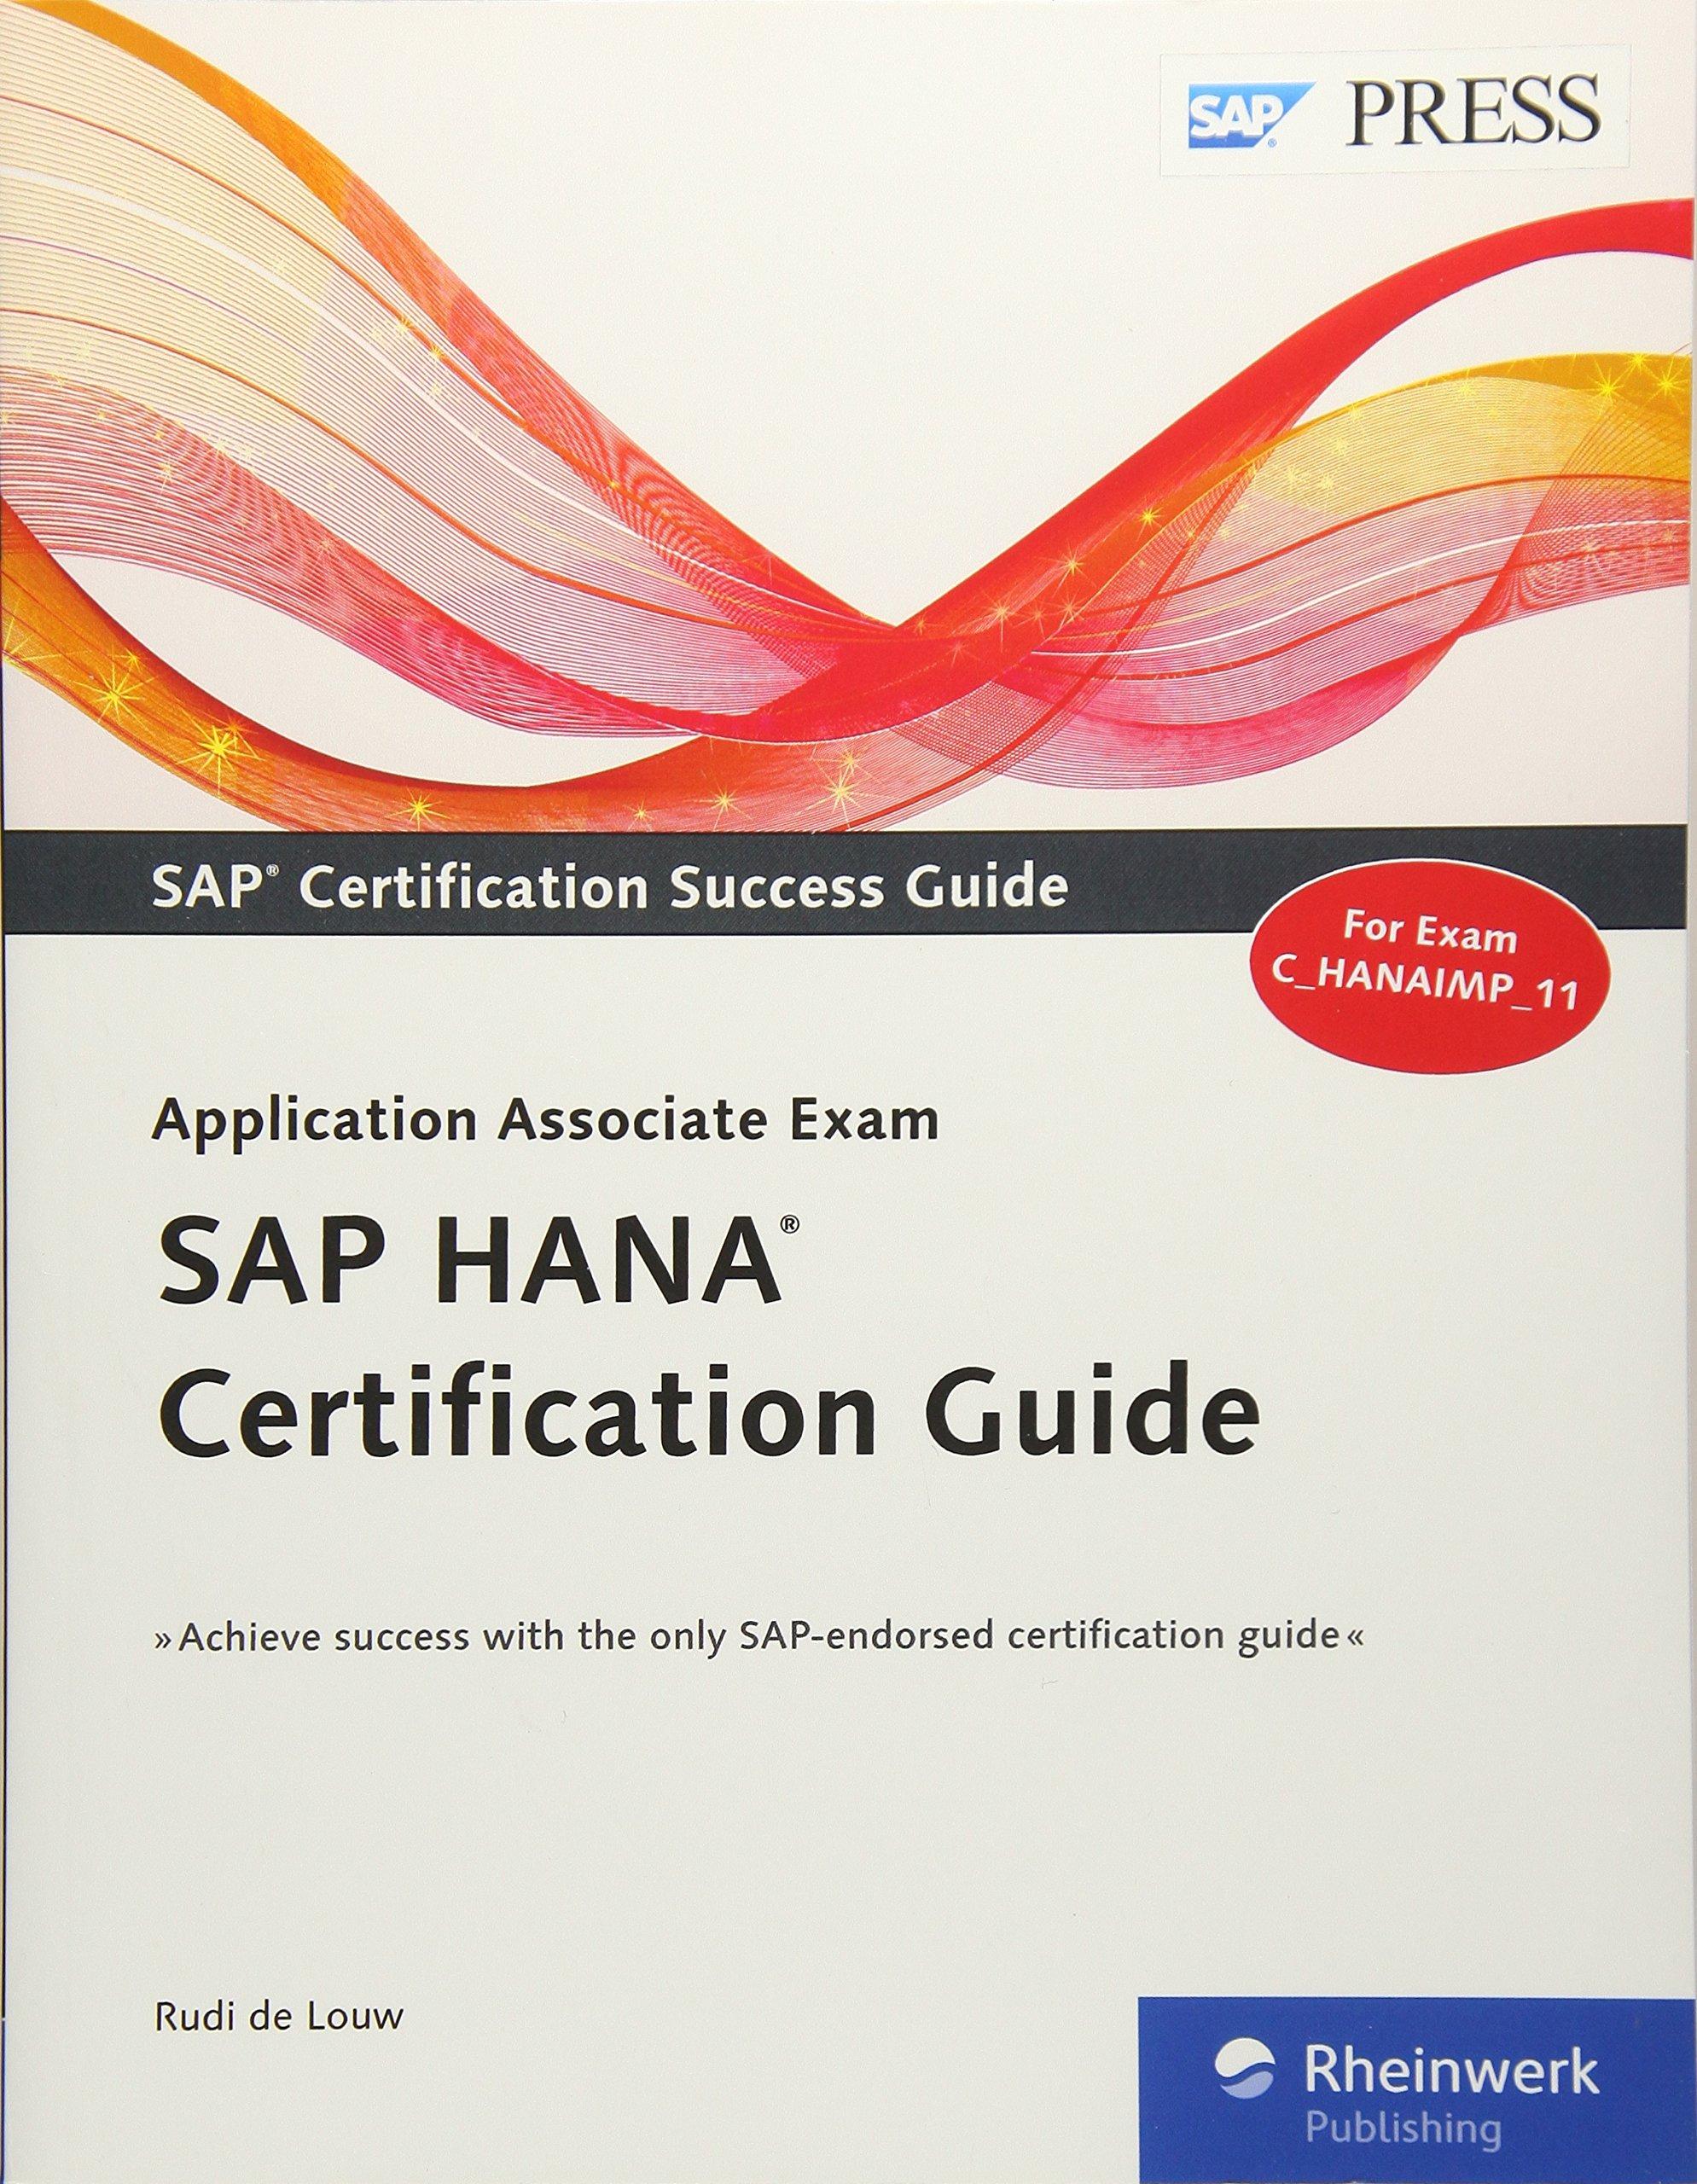 SAP HANA Certification Guide (SAP PRESS) pdf